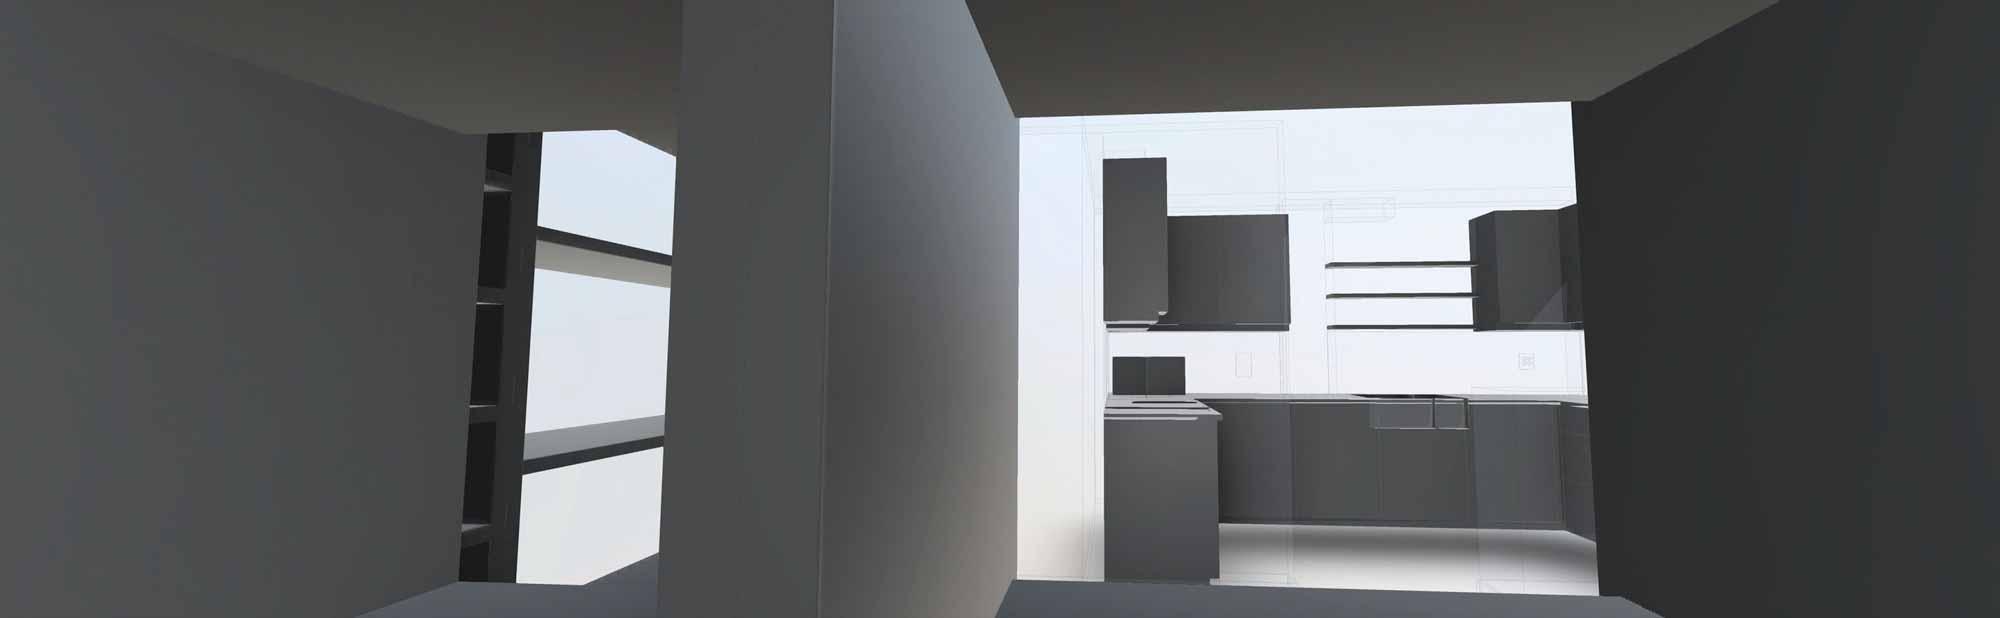 3D-сканирование вашего дома - просмотр через стену и книжную полку